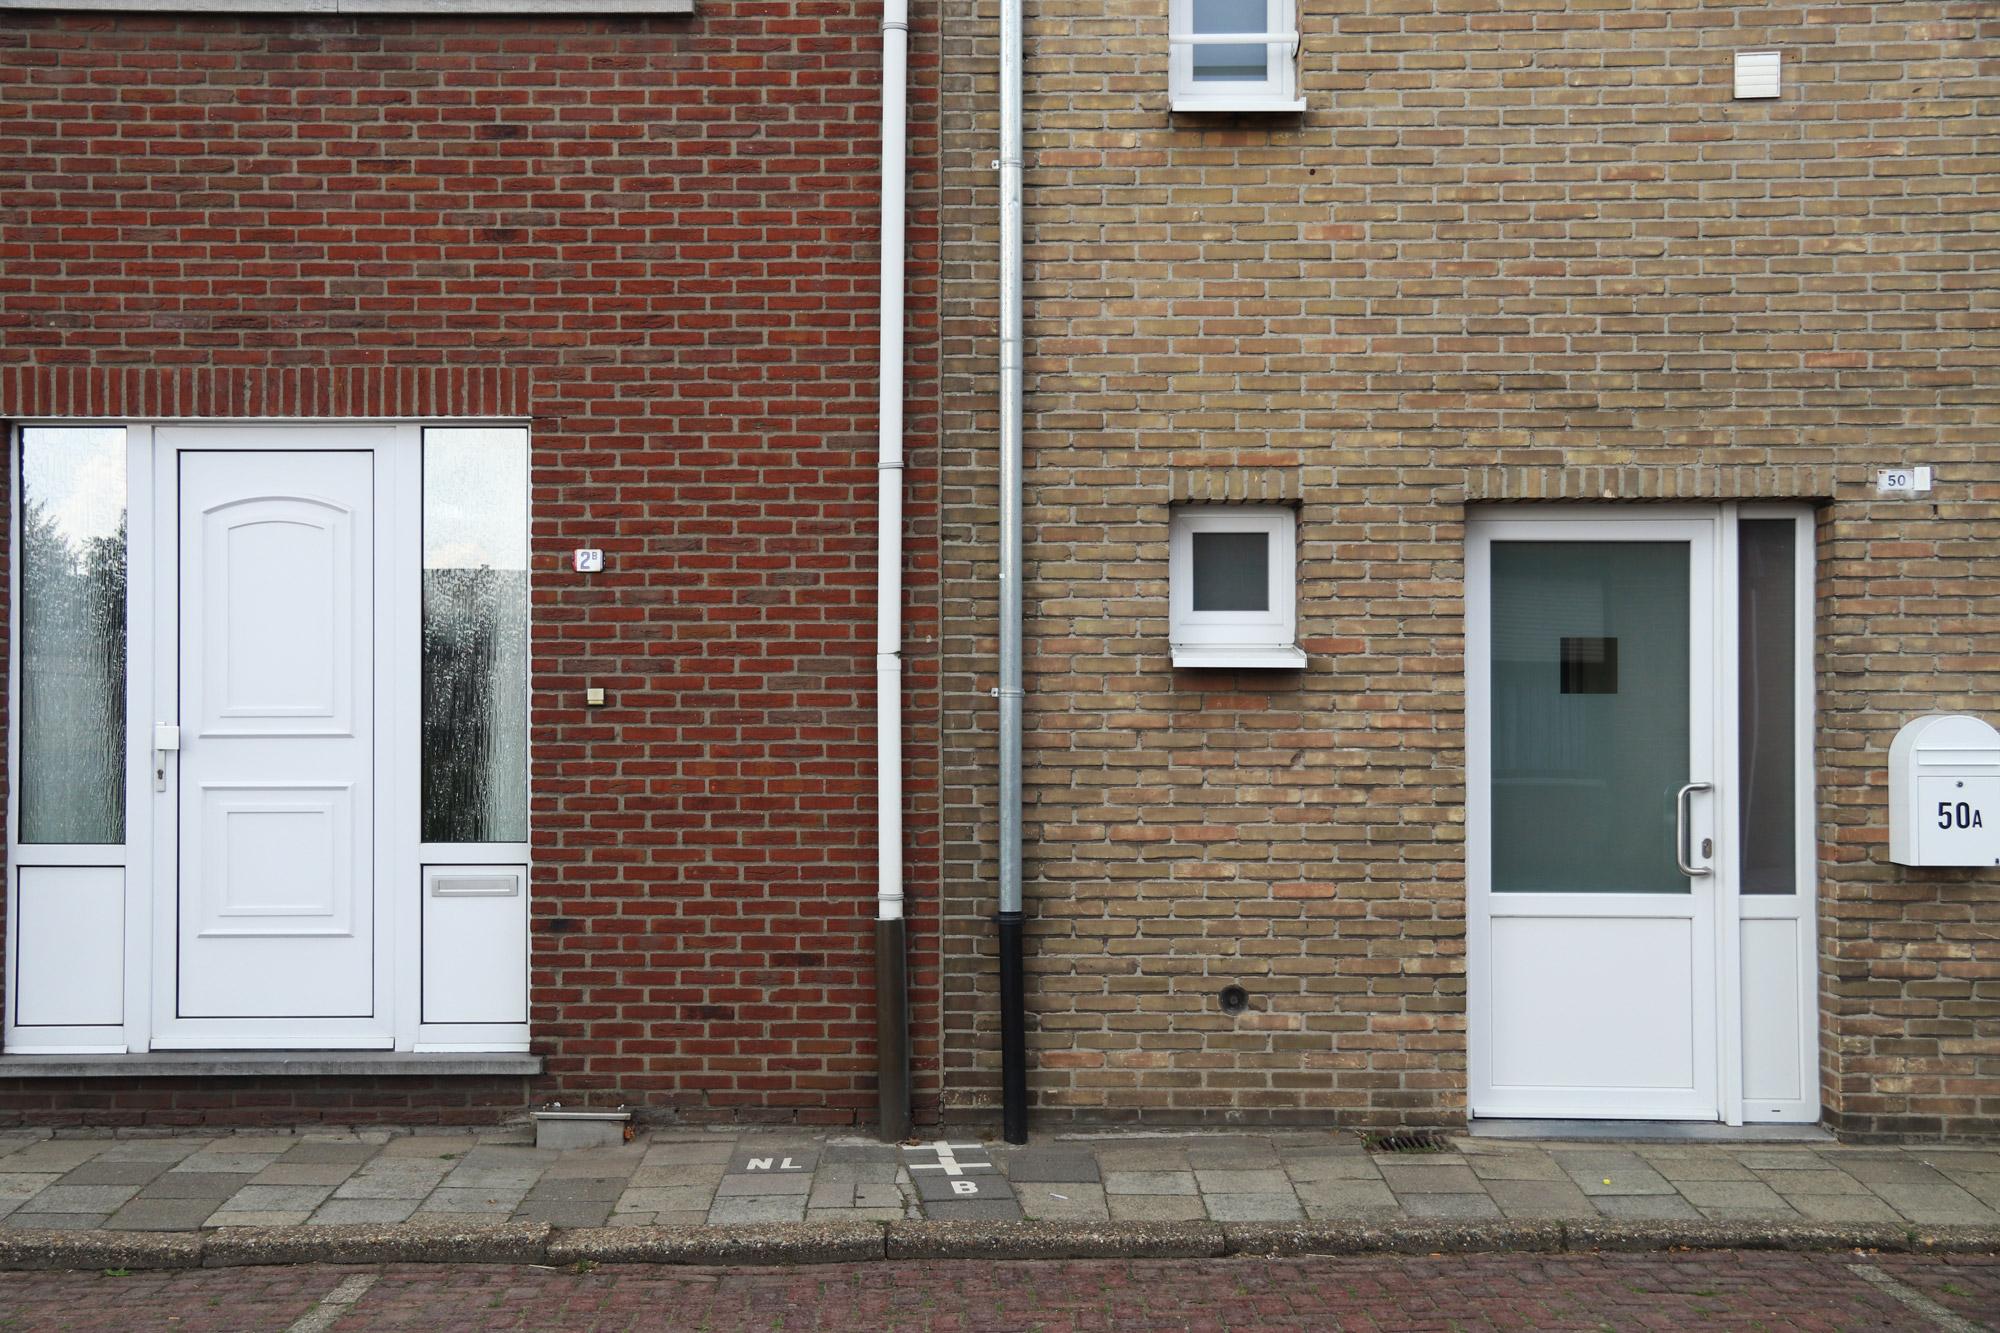 Een vreemd Nederlands/Belgisch dorp: Baarle - Links een Nederlands huis, rechts een Belgisch huis